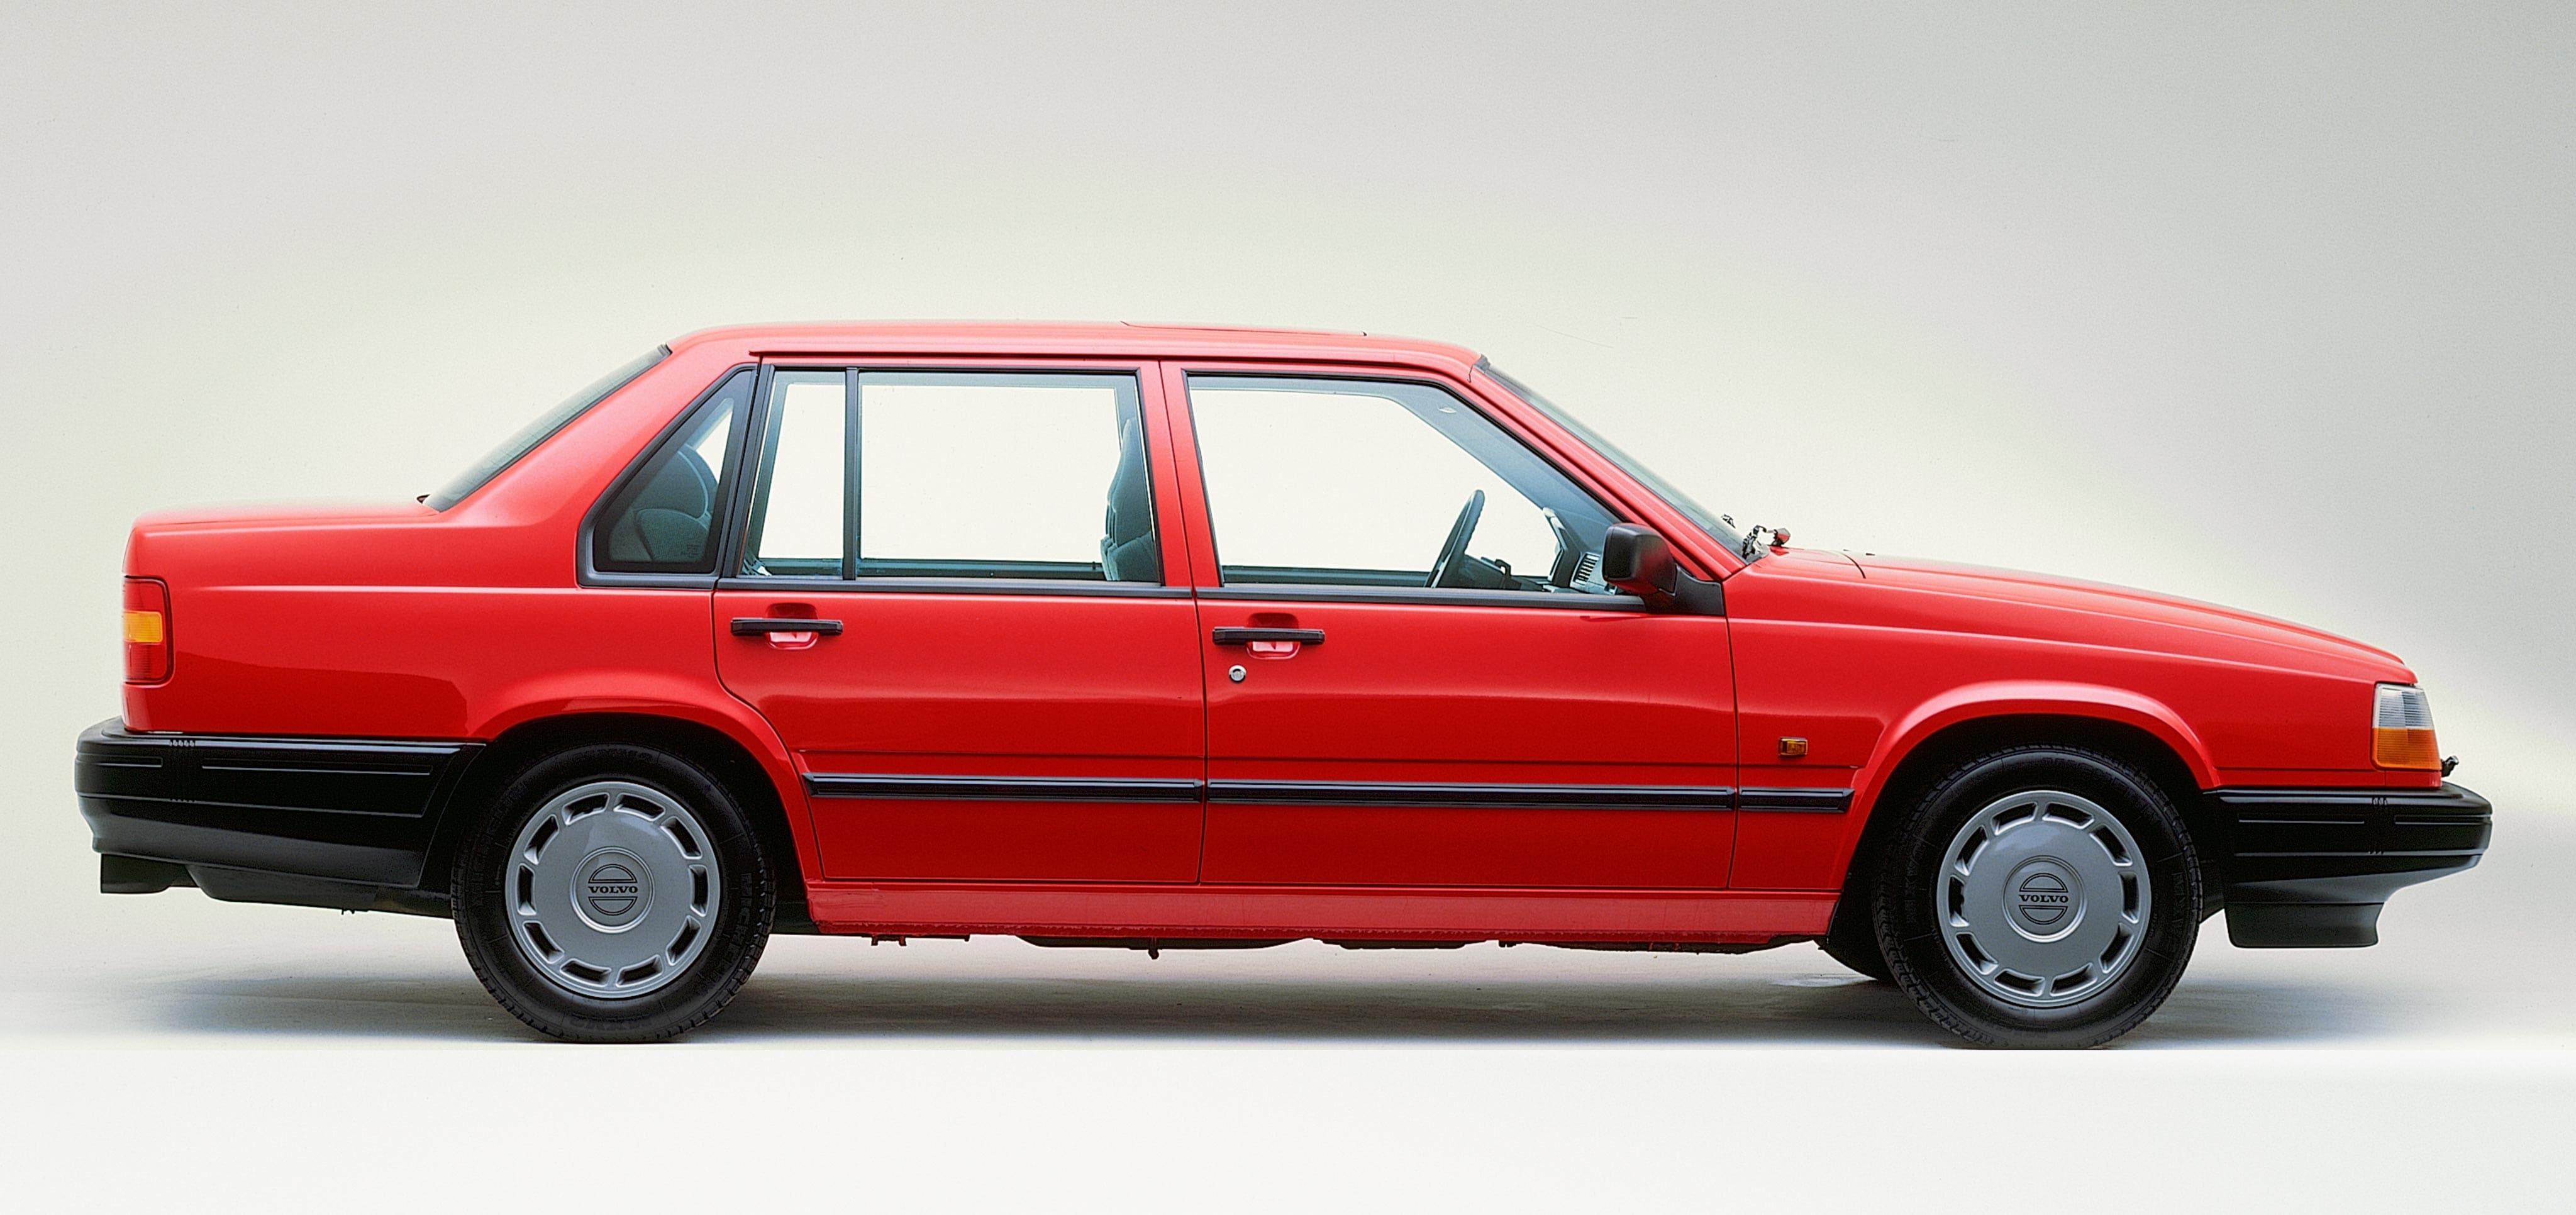 Volvo 940 sedan